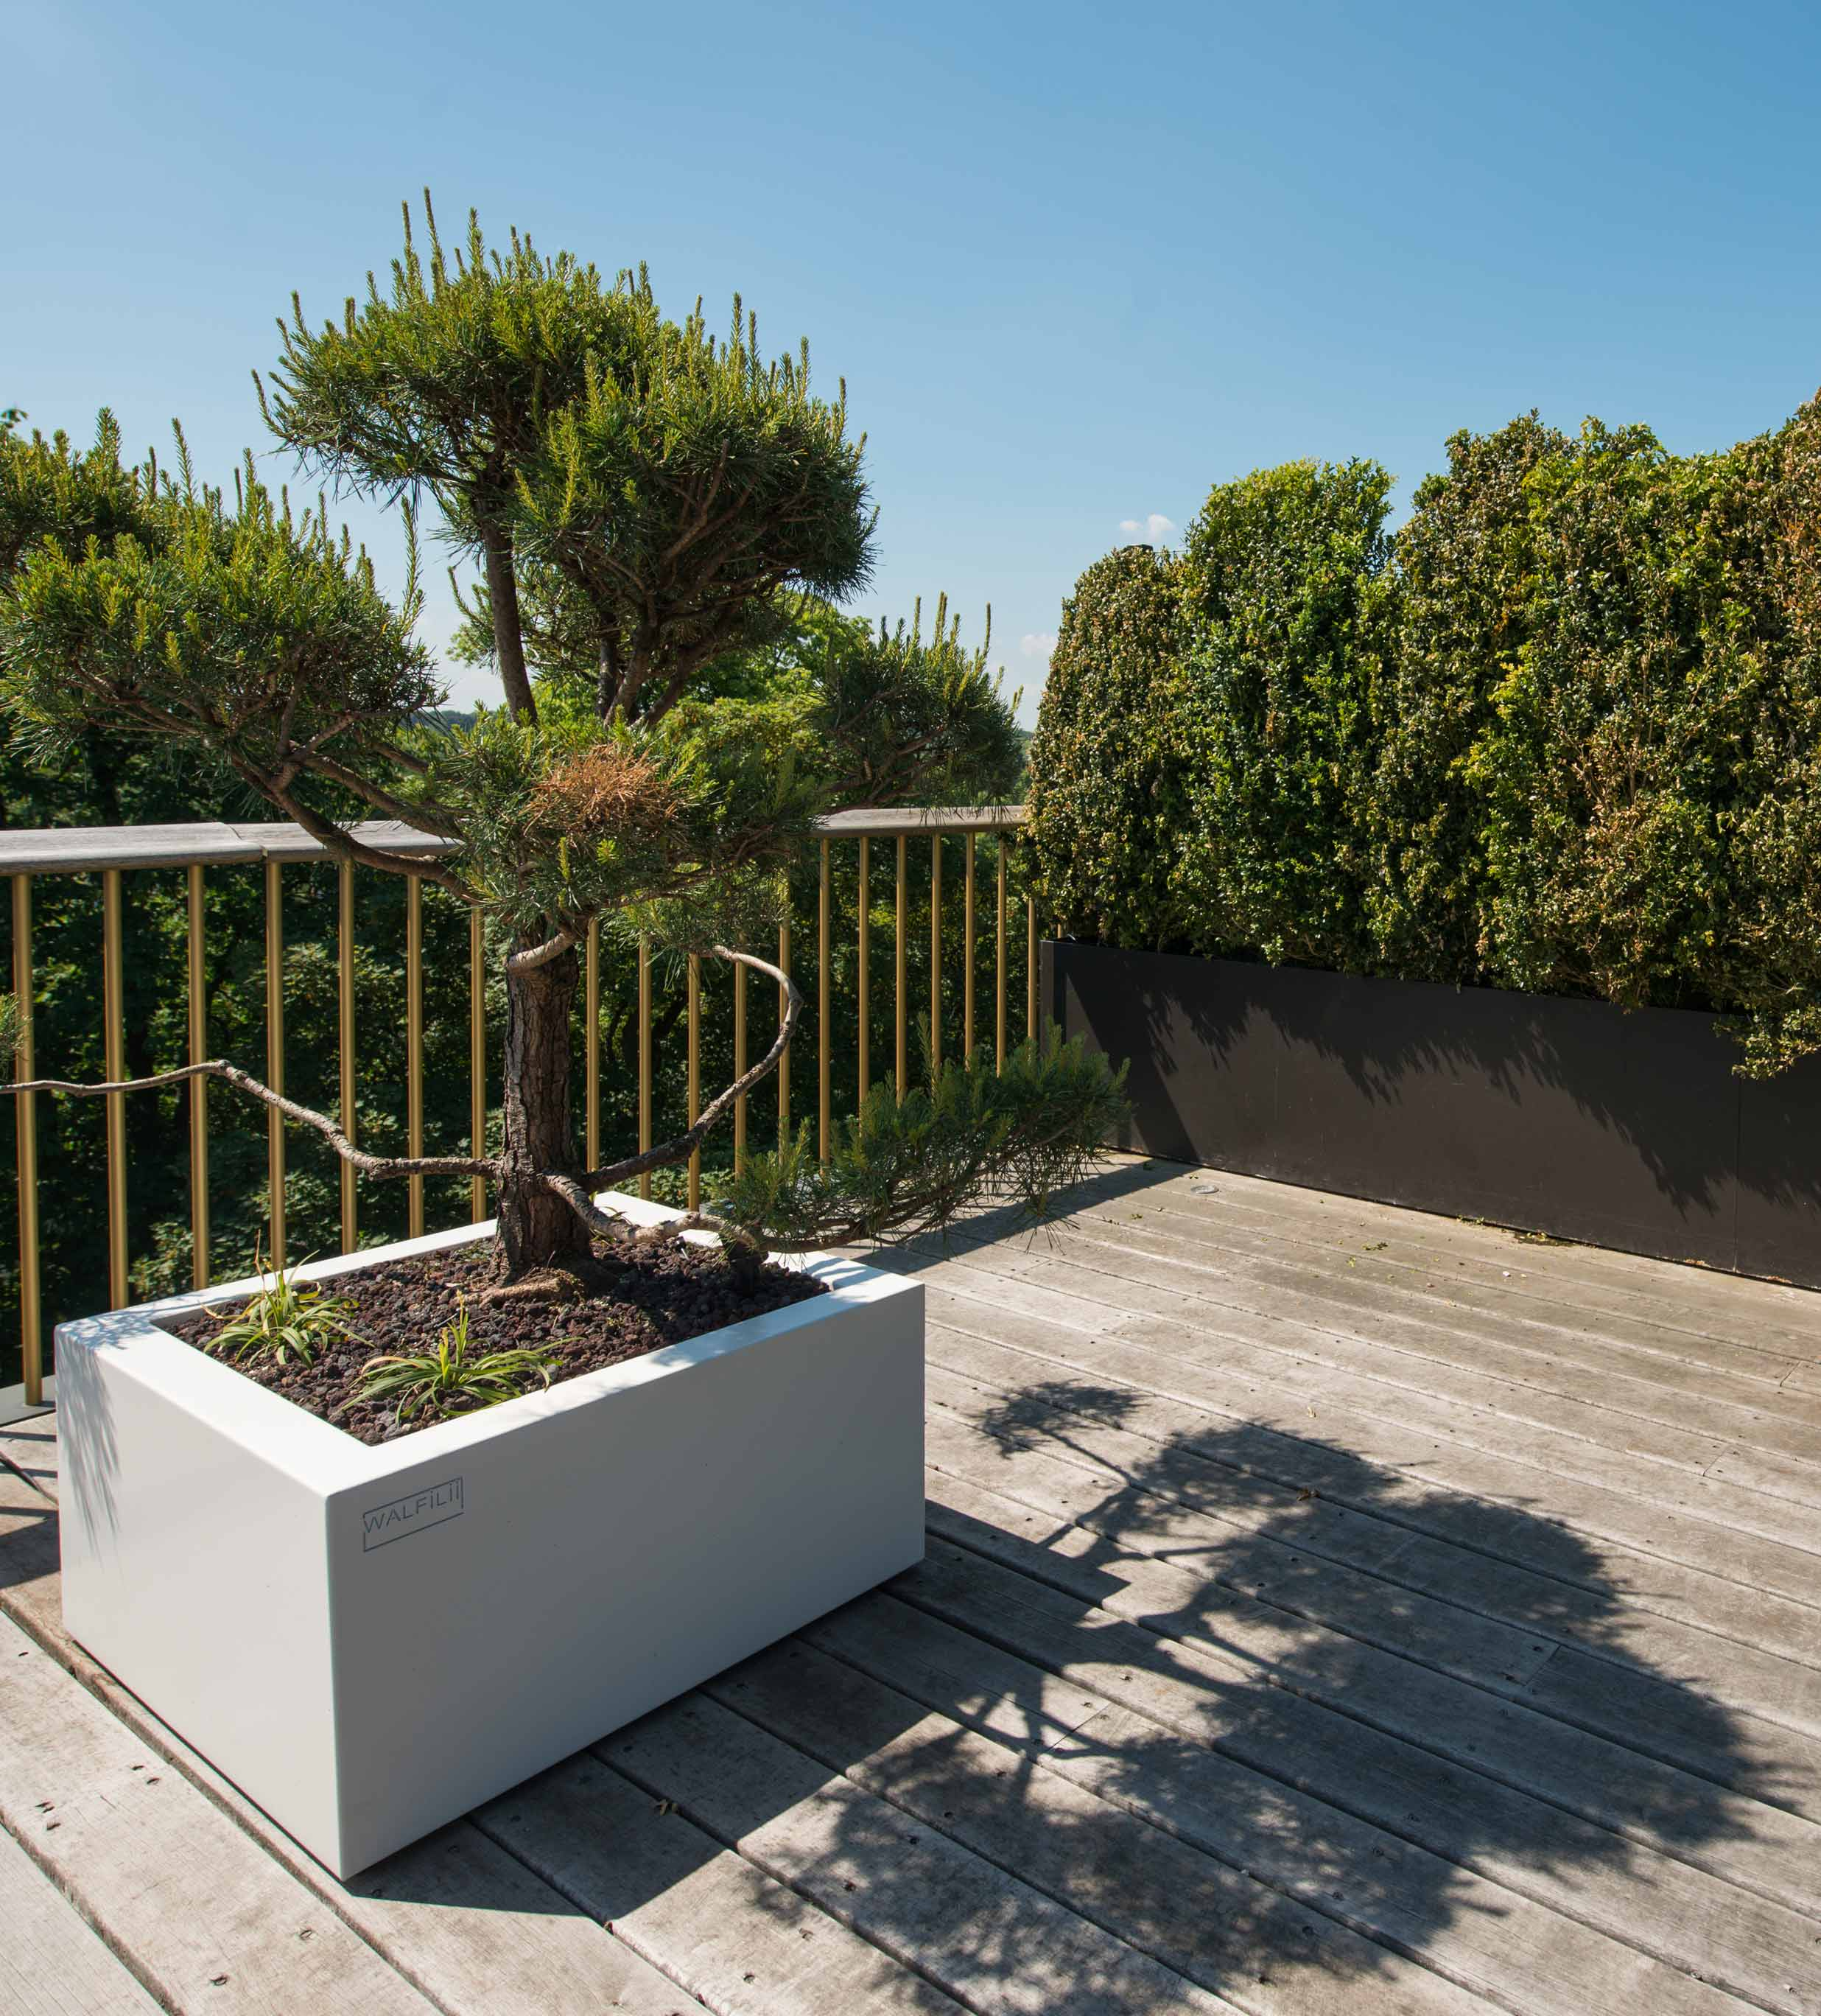 walfilii-realisaties-terras-plantenbakken-staal-design-Brussel-10